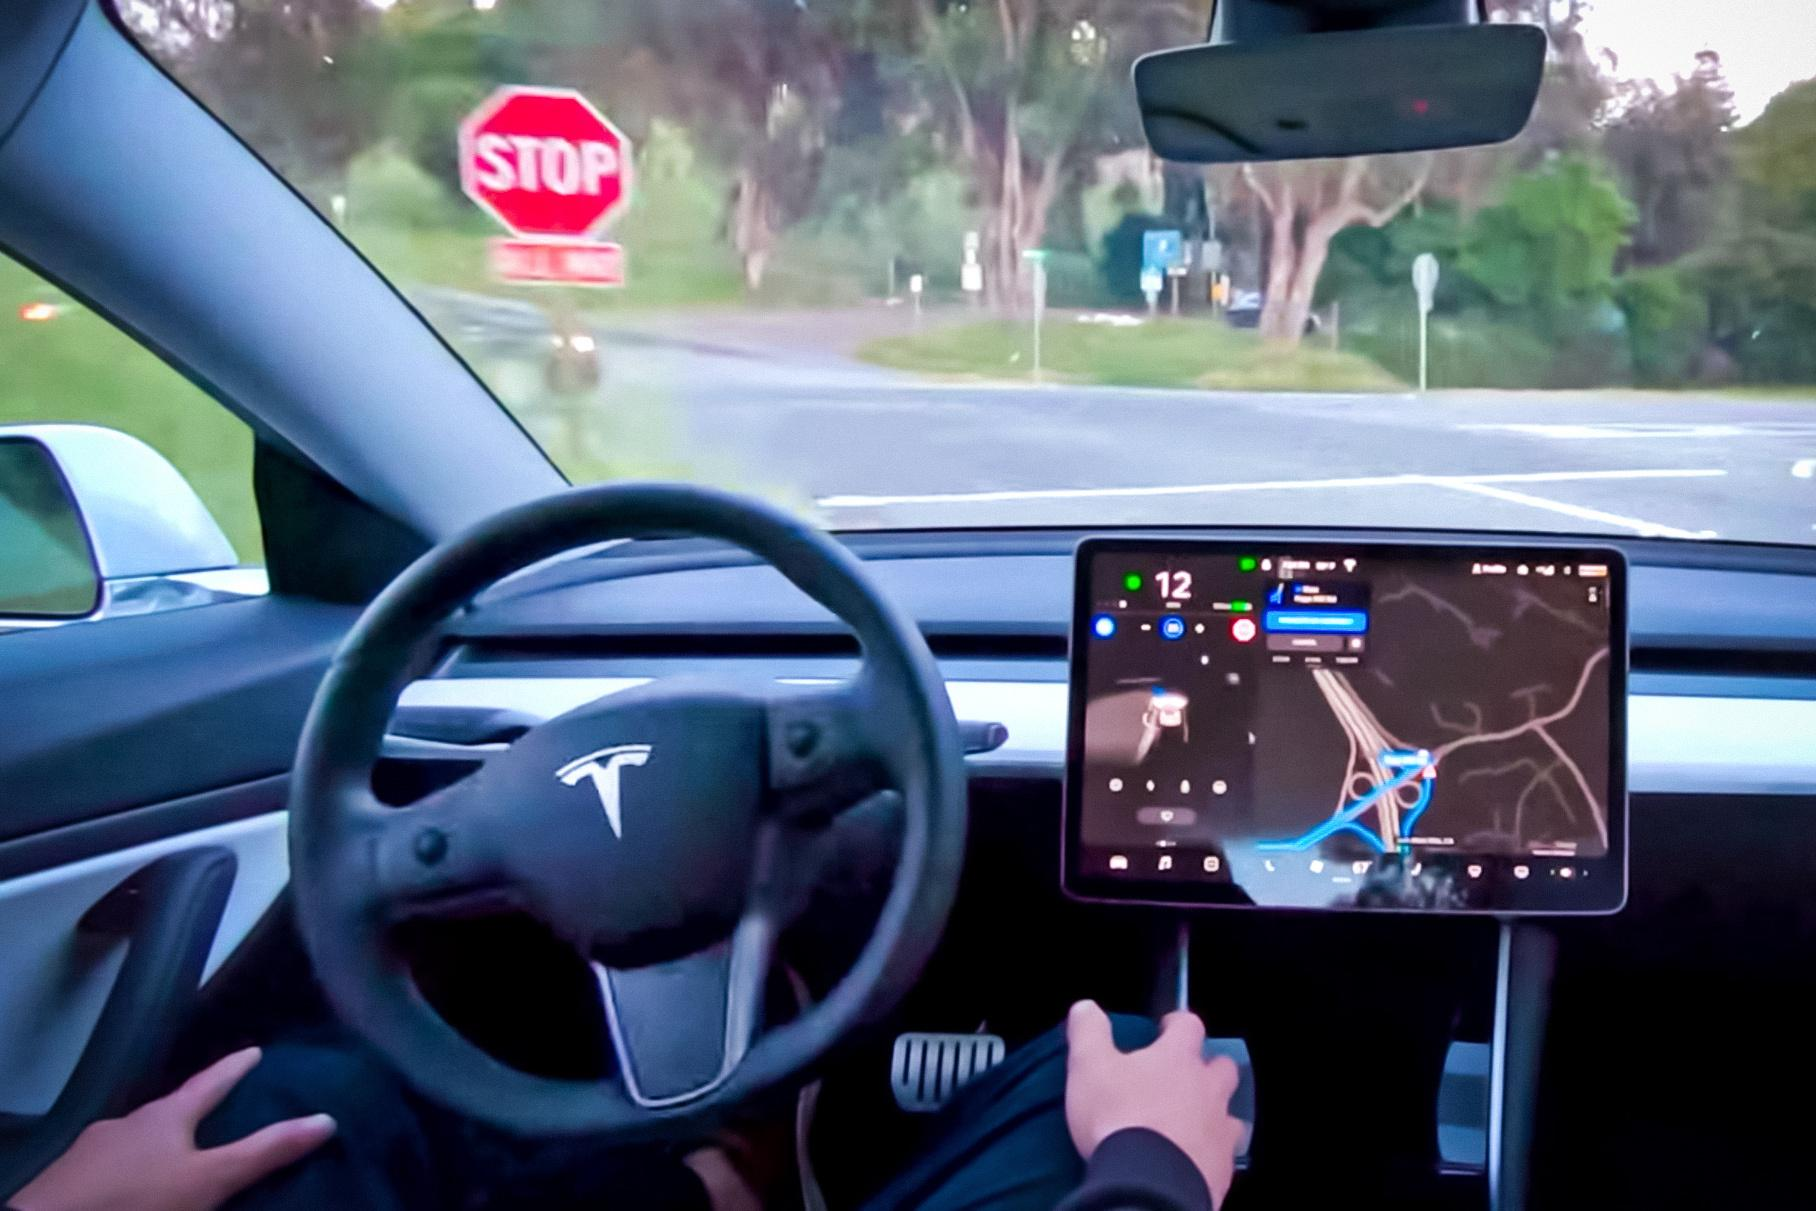 Илон Маск подтвердил выход обновления программного обеспечения под названием Full Self-Driving, но пока в бета-версии. Глава бренда «Тесла» уточнил, что «полноценный автопилот» будут внедрять «максимально осторожно и медленнее», а первый доступ к нему получат самые аккуратные и опытные водители.